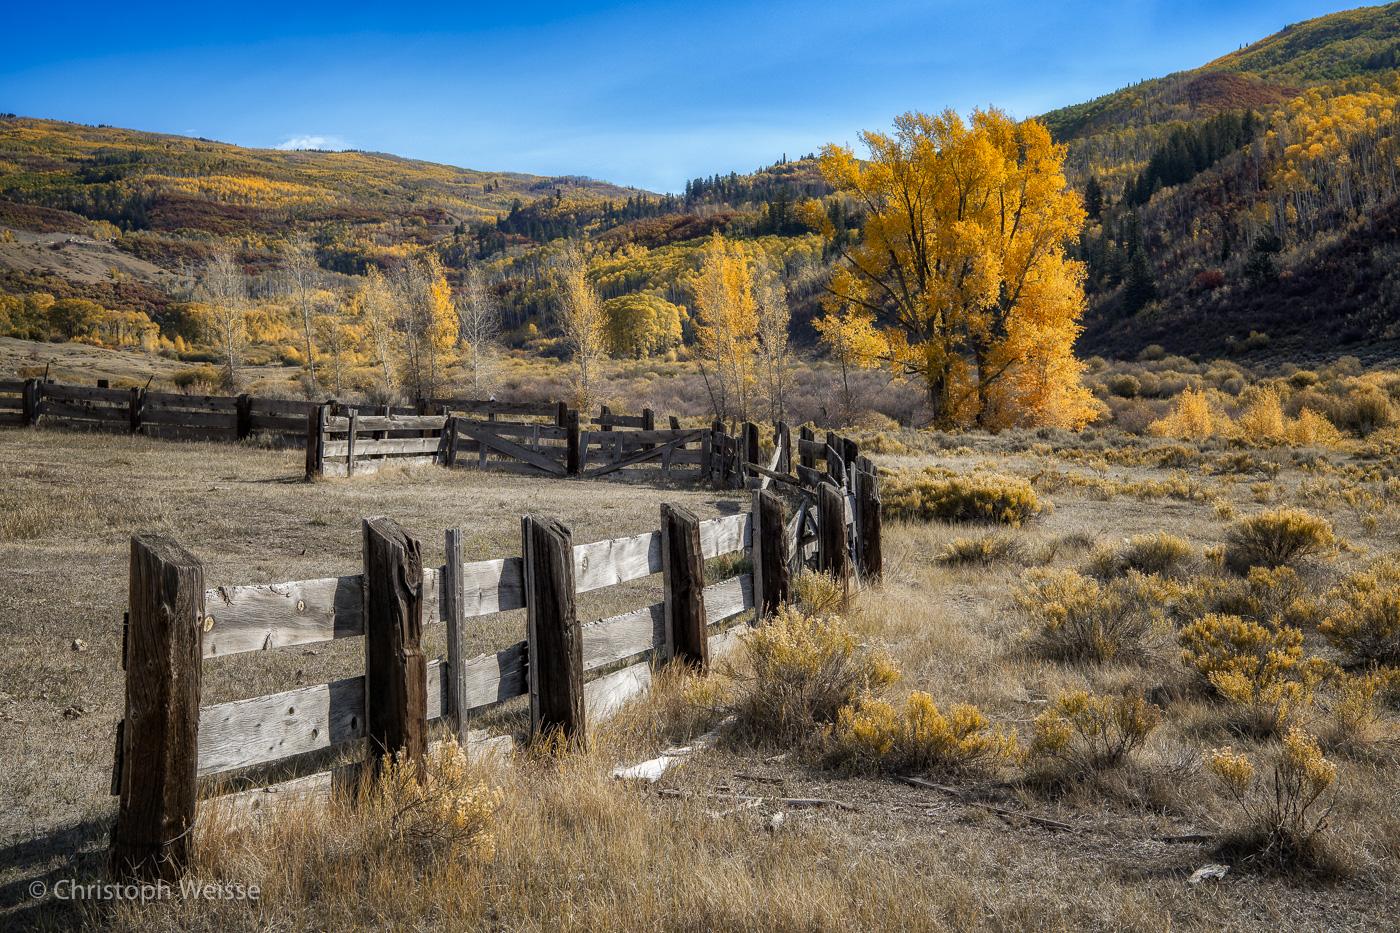 © ChristophWeisse-www.profi-foto.ch-Colorado Herbst-5.jpg